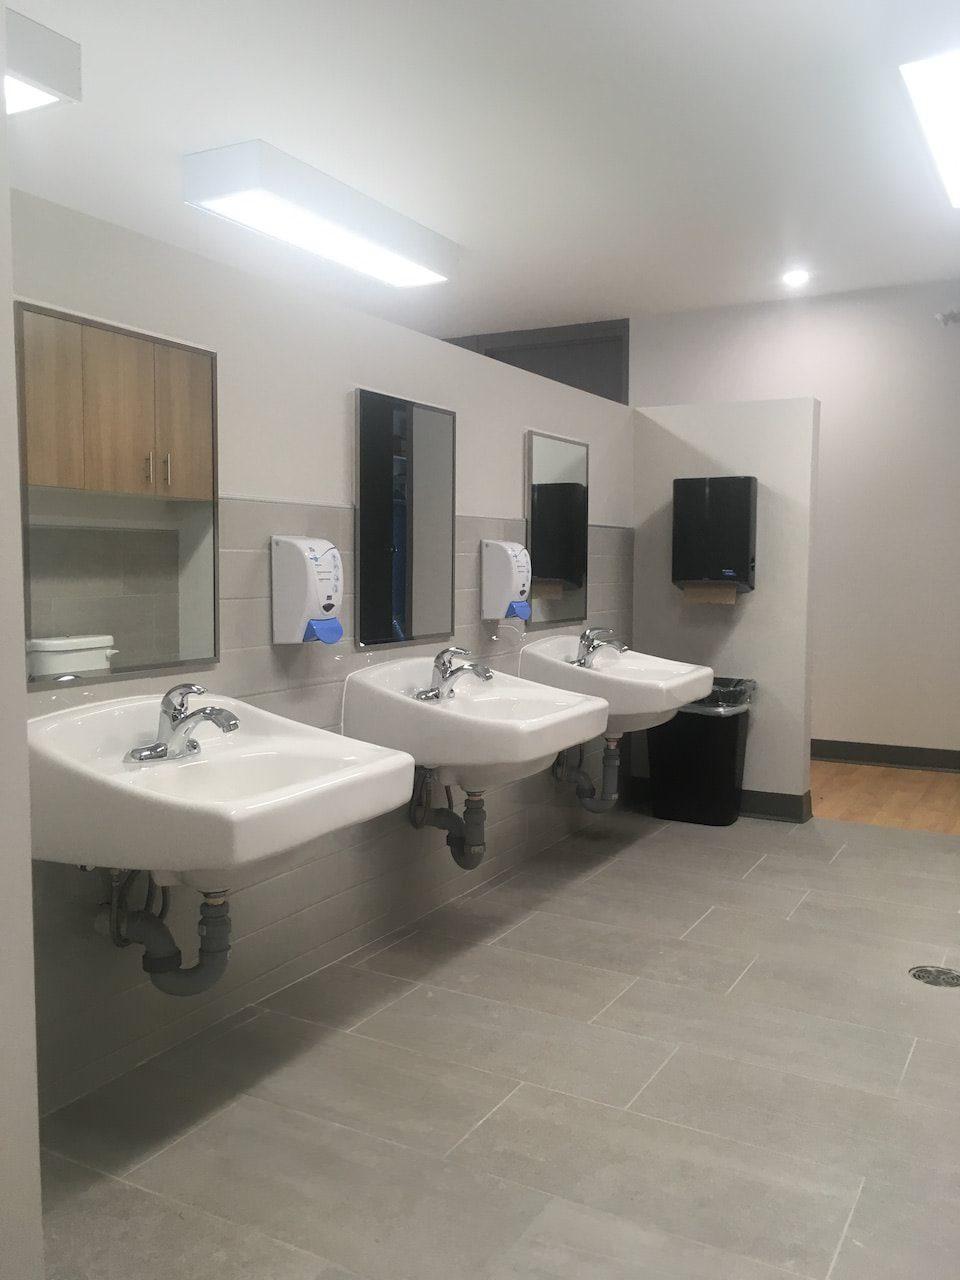 Facility bathroom sinks